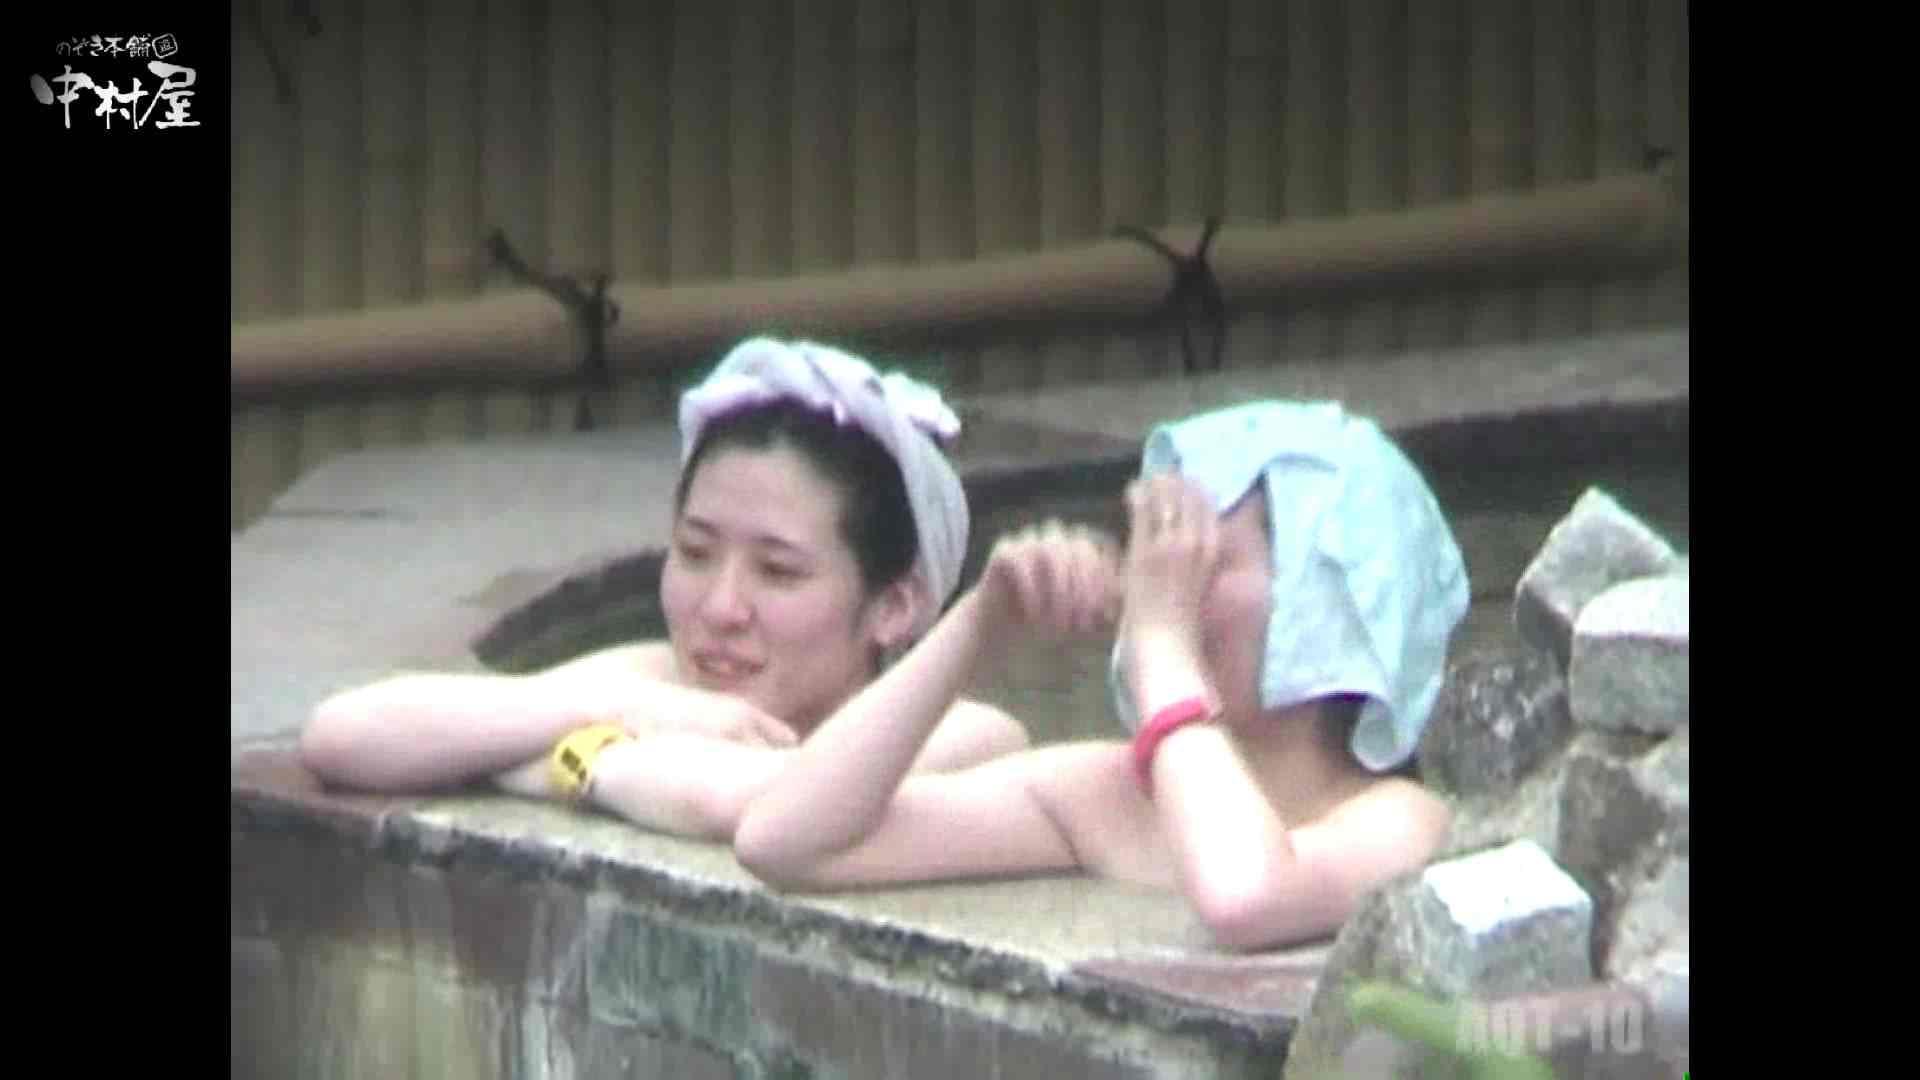 Aquaな露天風呂Vol.874潜入盗撮露天風呂十判湯 其の四 エロいOL おまんこ動画流出 92枚